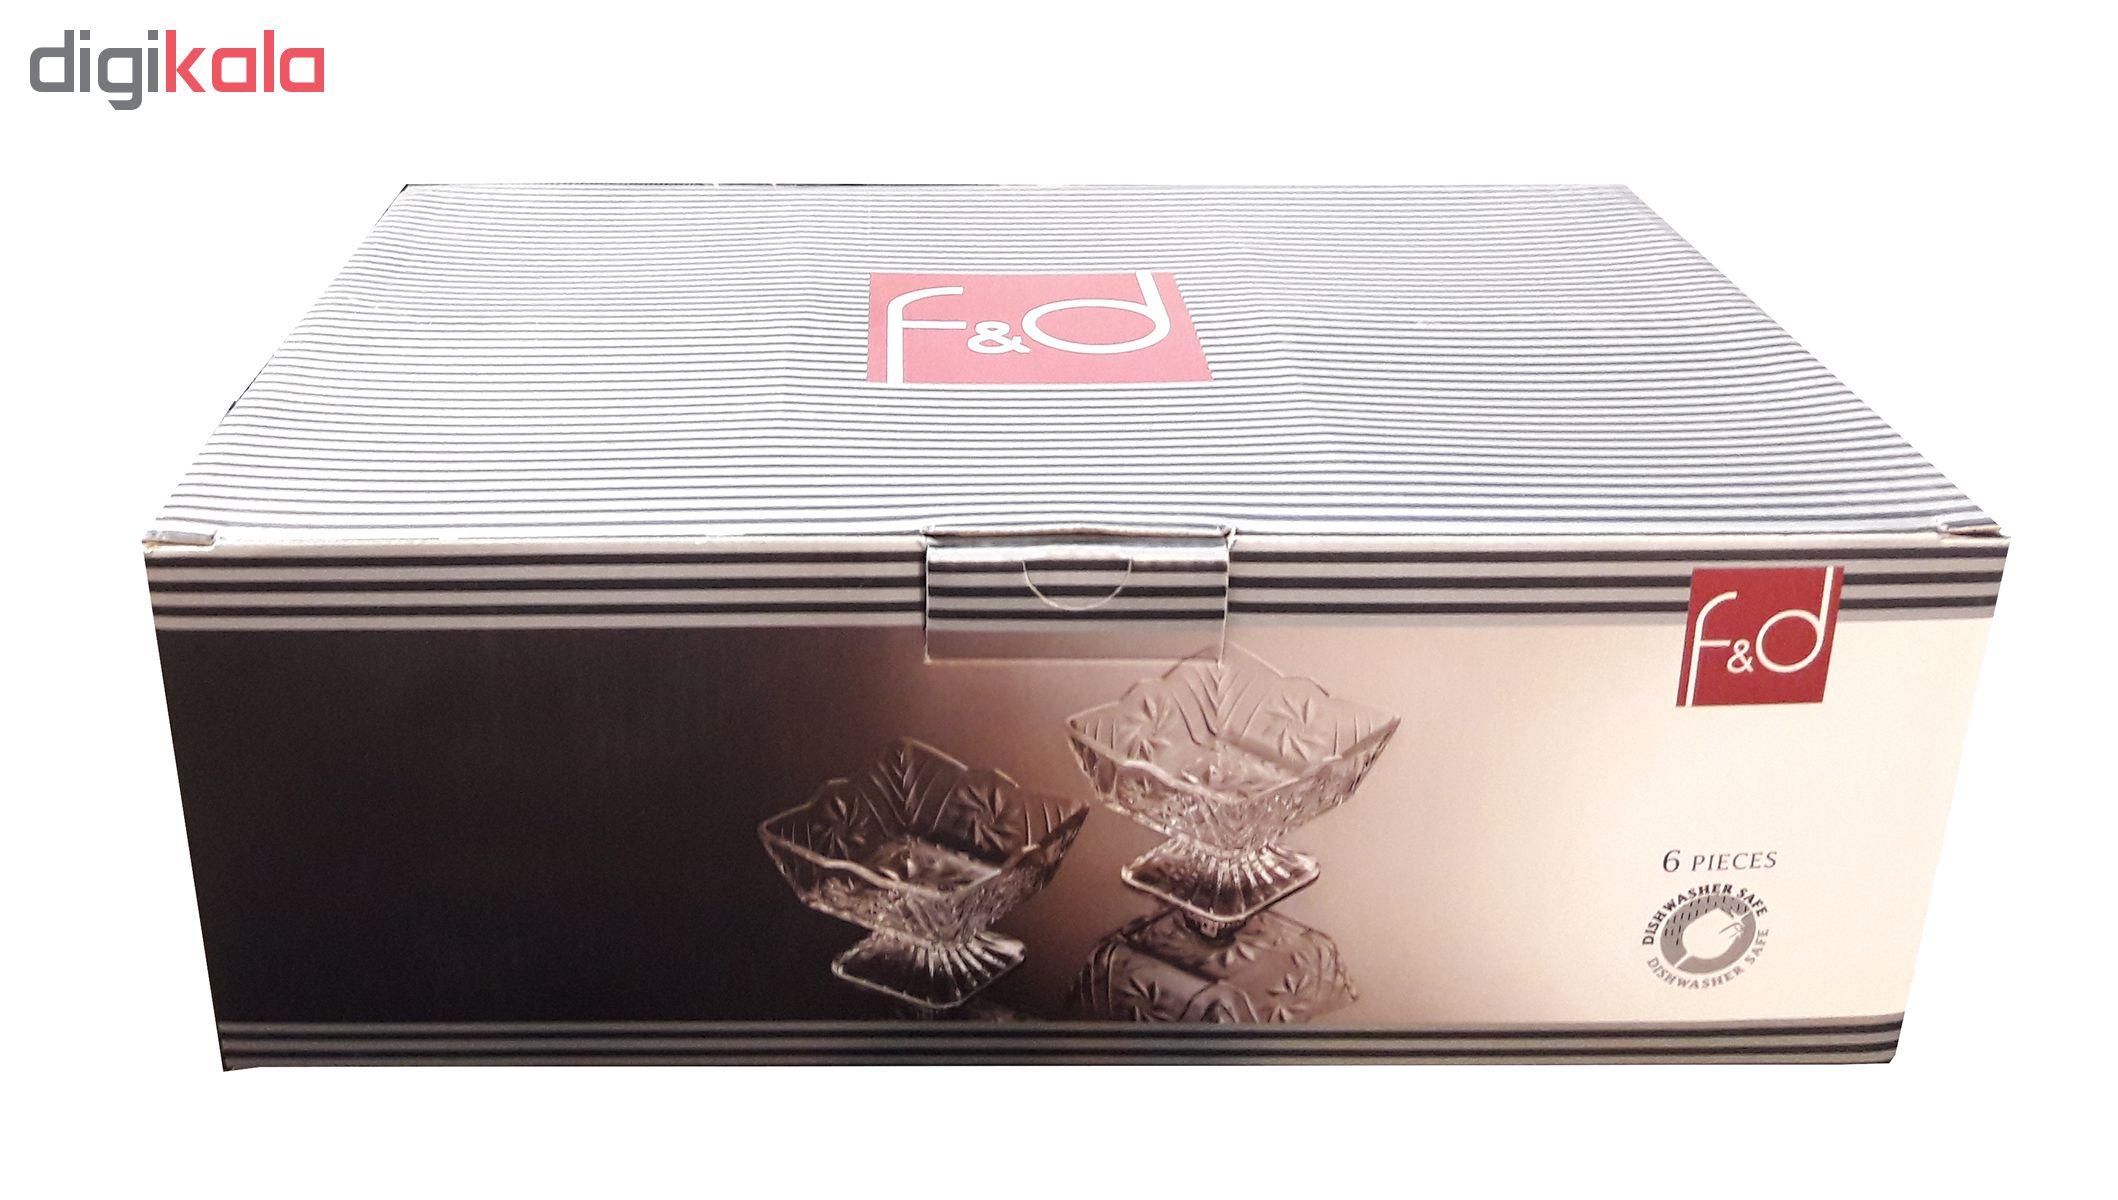 بستنی خوری پاشاباغچه مدل F&D کد 95466 بسته 6 عددی